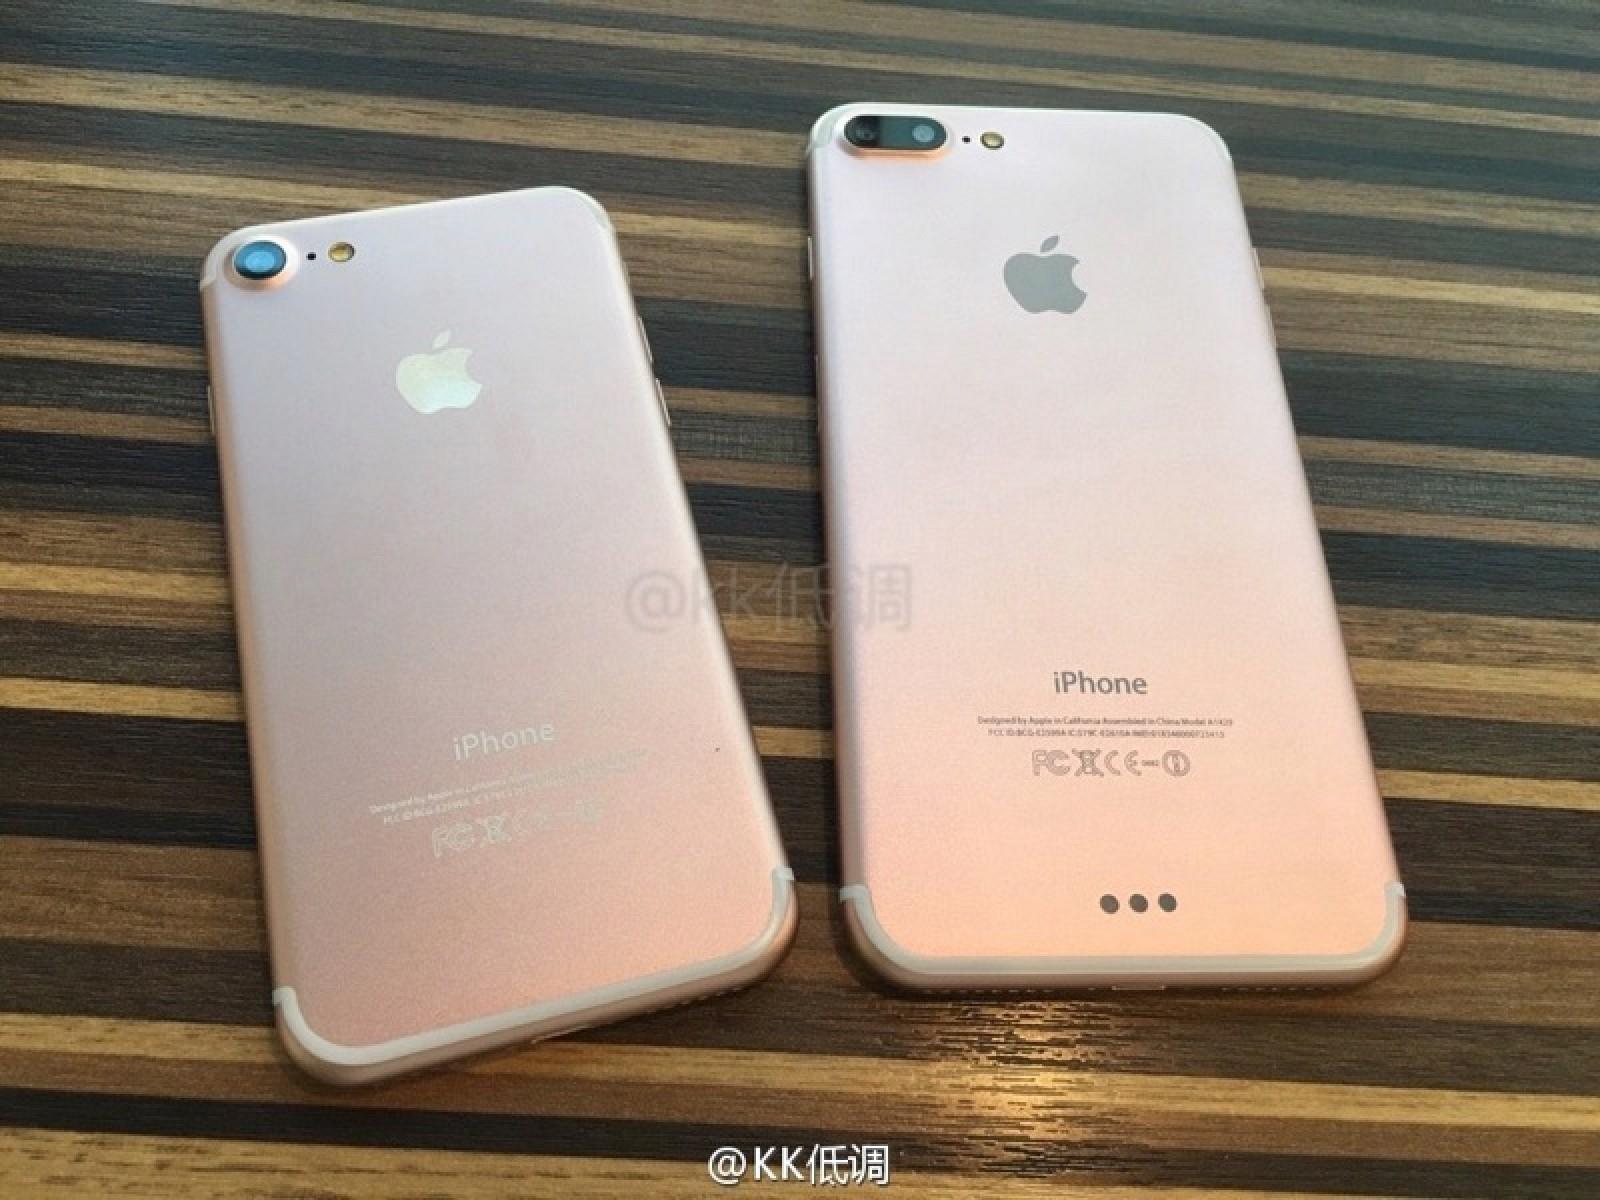 iphone7dummyunits.jpg?retina